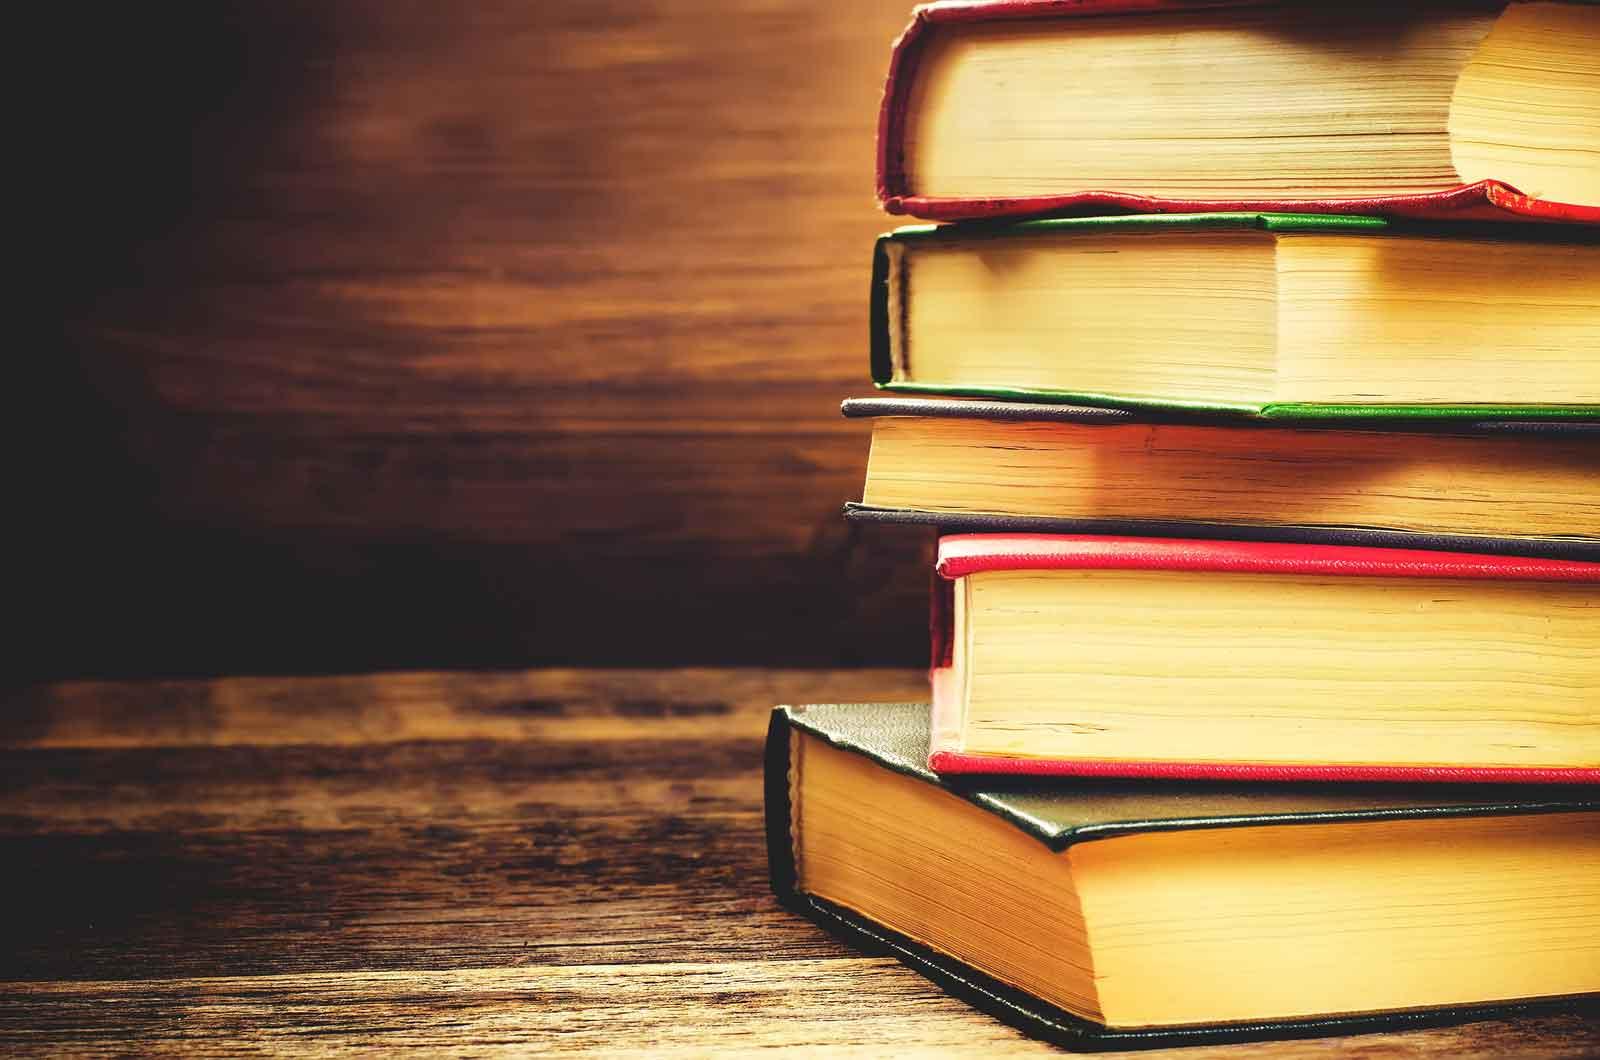 پروفروشترین کتابهایی که روزی توسط ناشران رد شدند